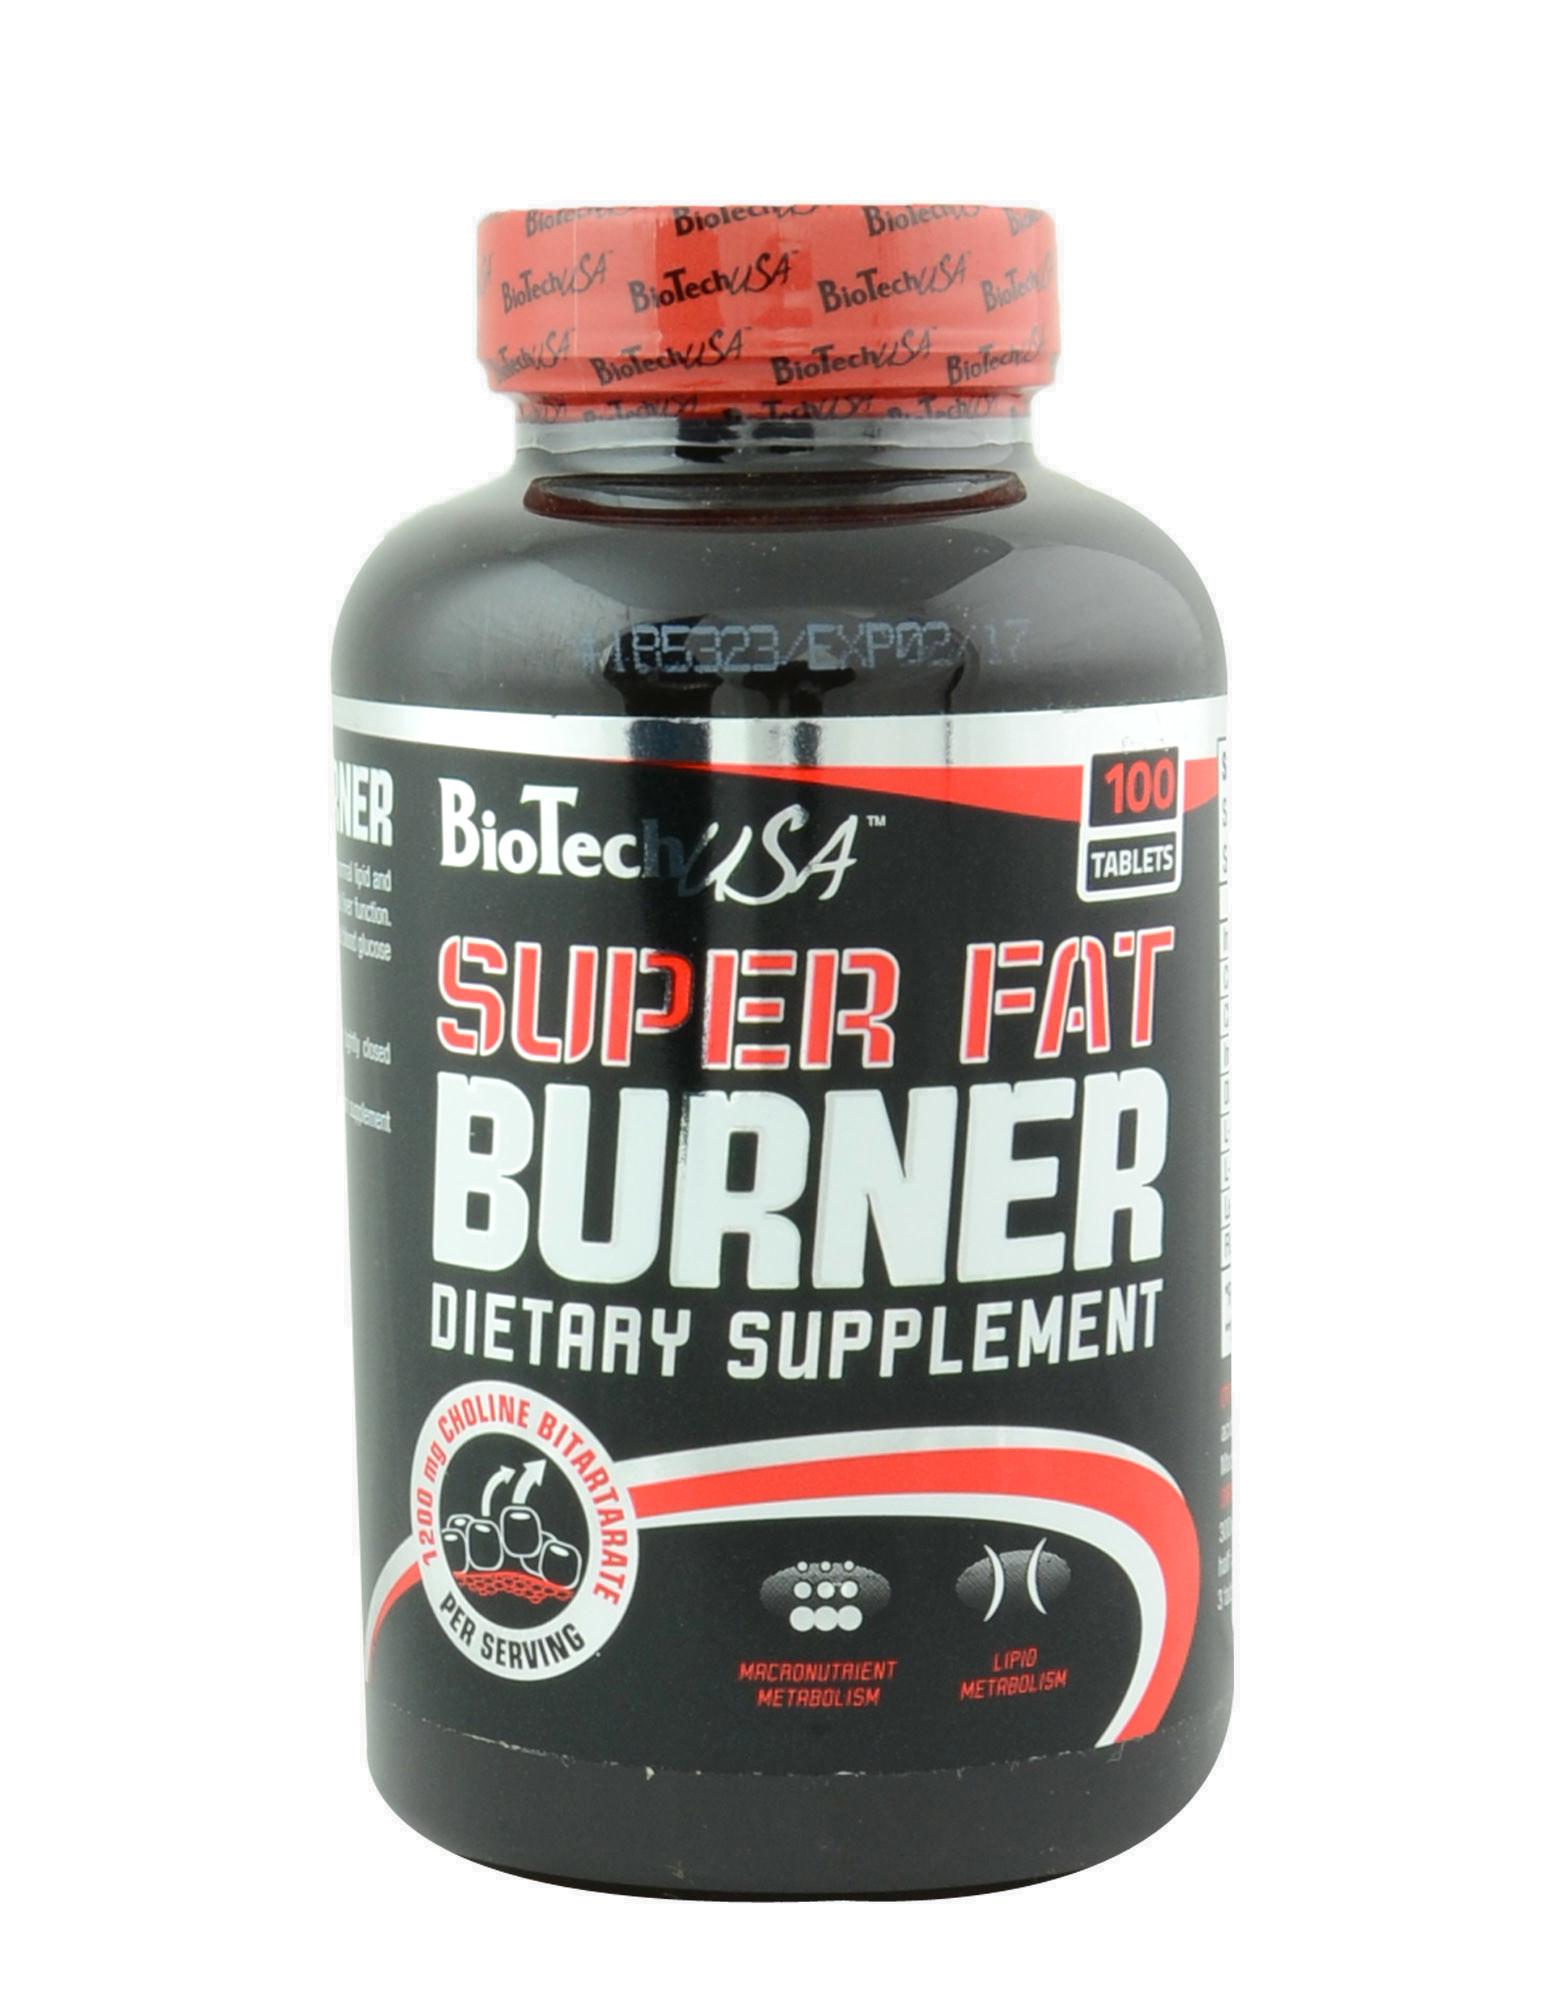 super fat burner biotech review maya moore pierdere în greutate